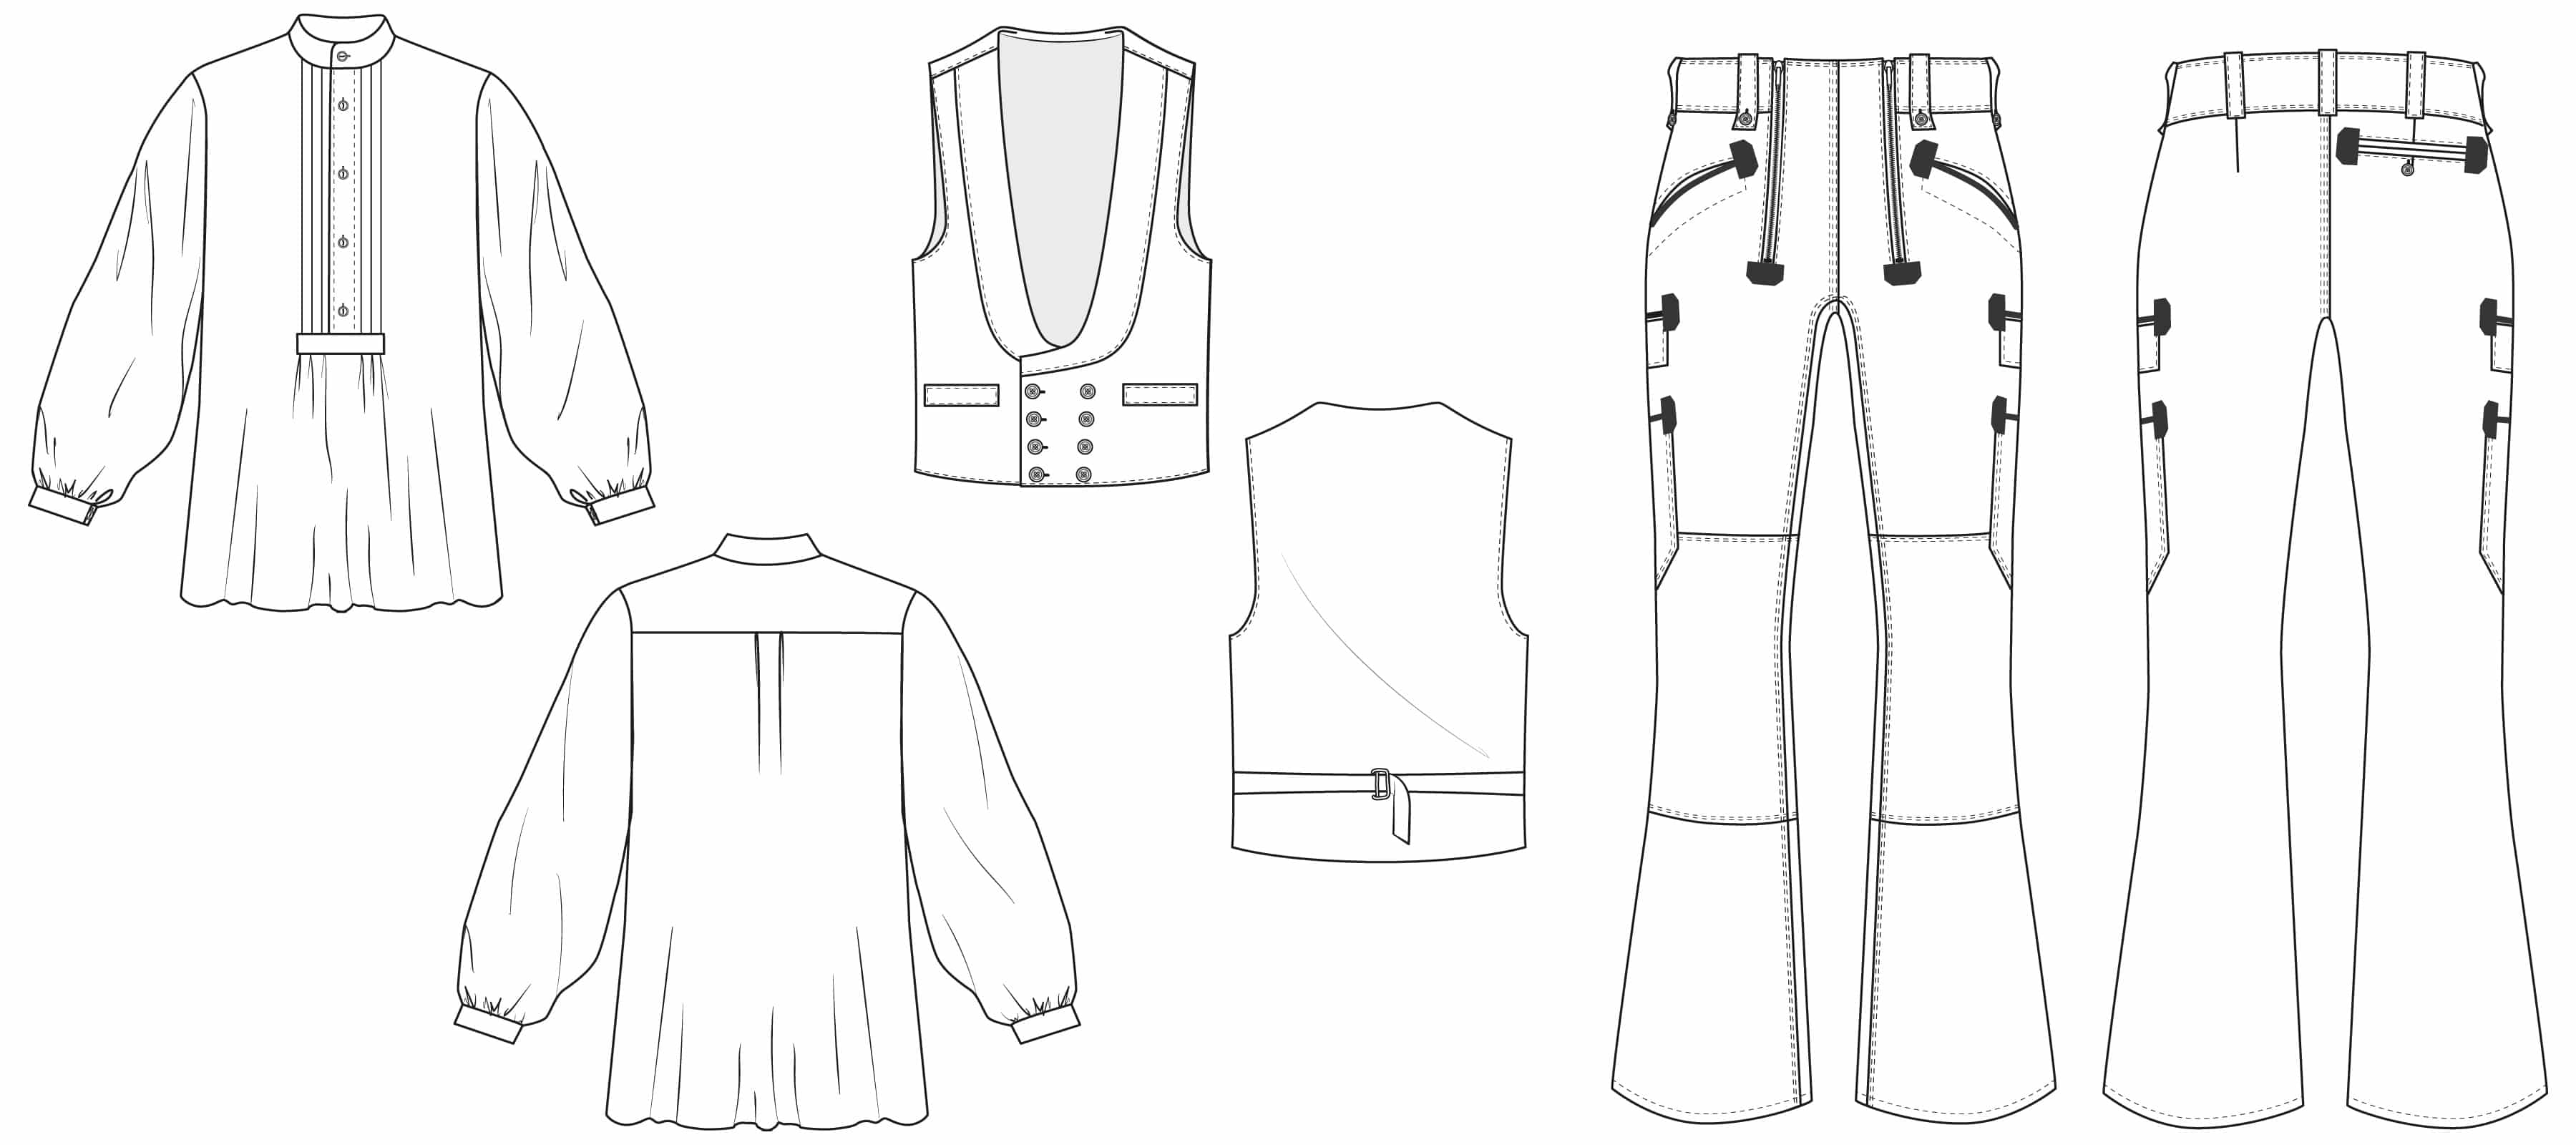 Ansicht der Zunftbekleidung für Herren